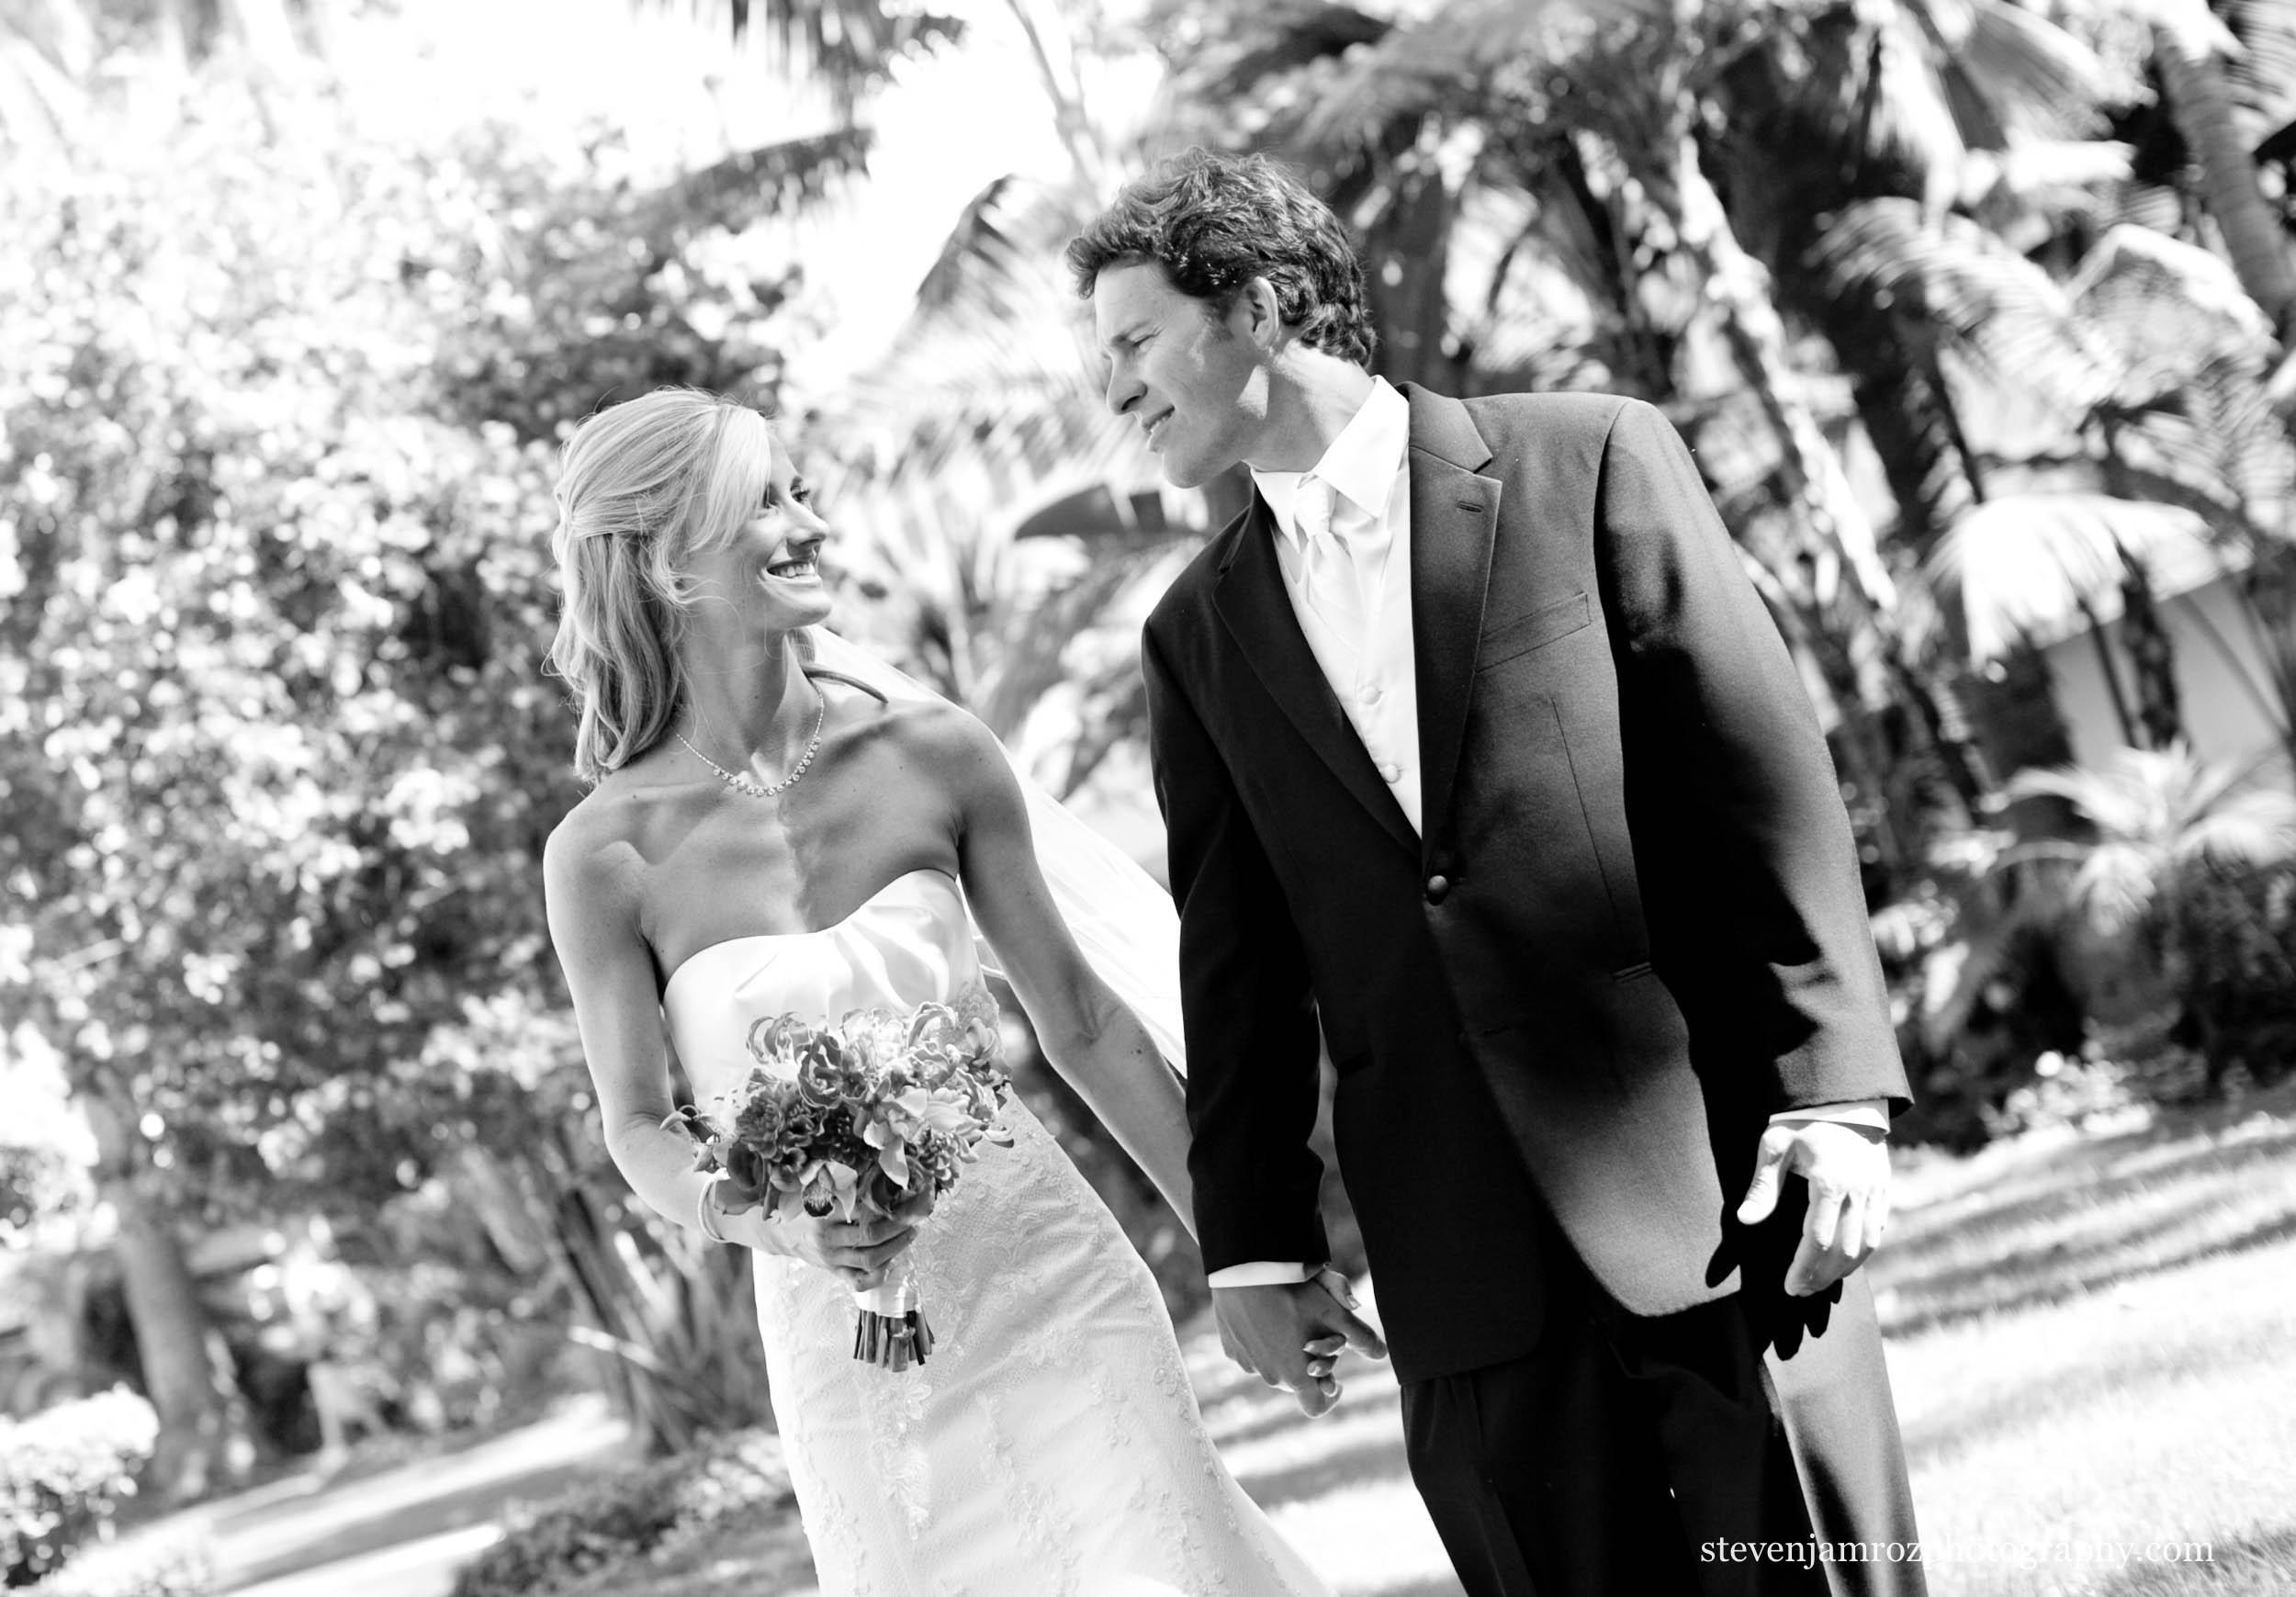 happy-couple-wedding-raleigh-nc-steven-jamroz-photography-0393.jpg